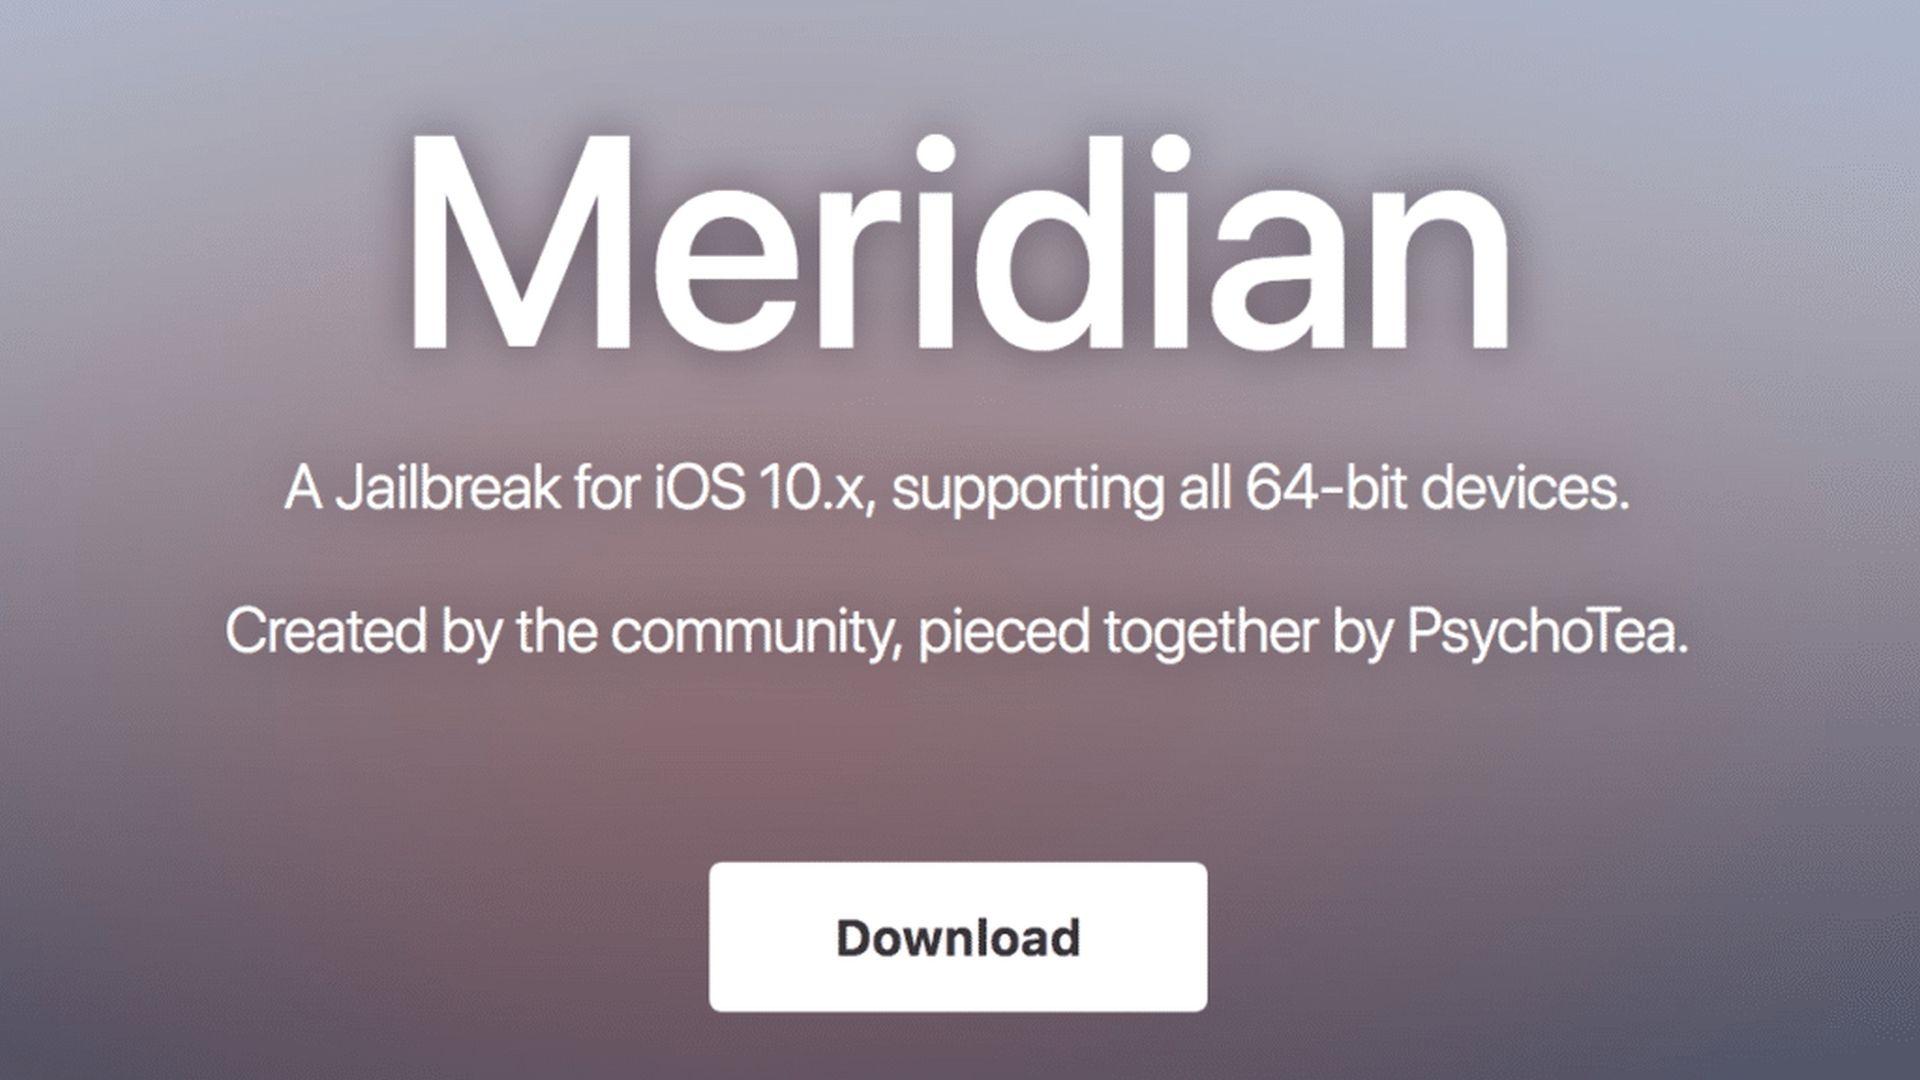 Jak wykonać semi-untethered Jailbreak iOS 10.3.3 na 64 bitowych urządzeniach?